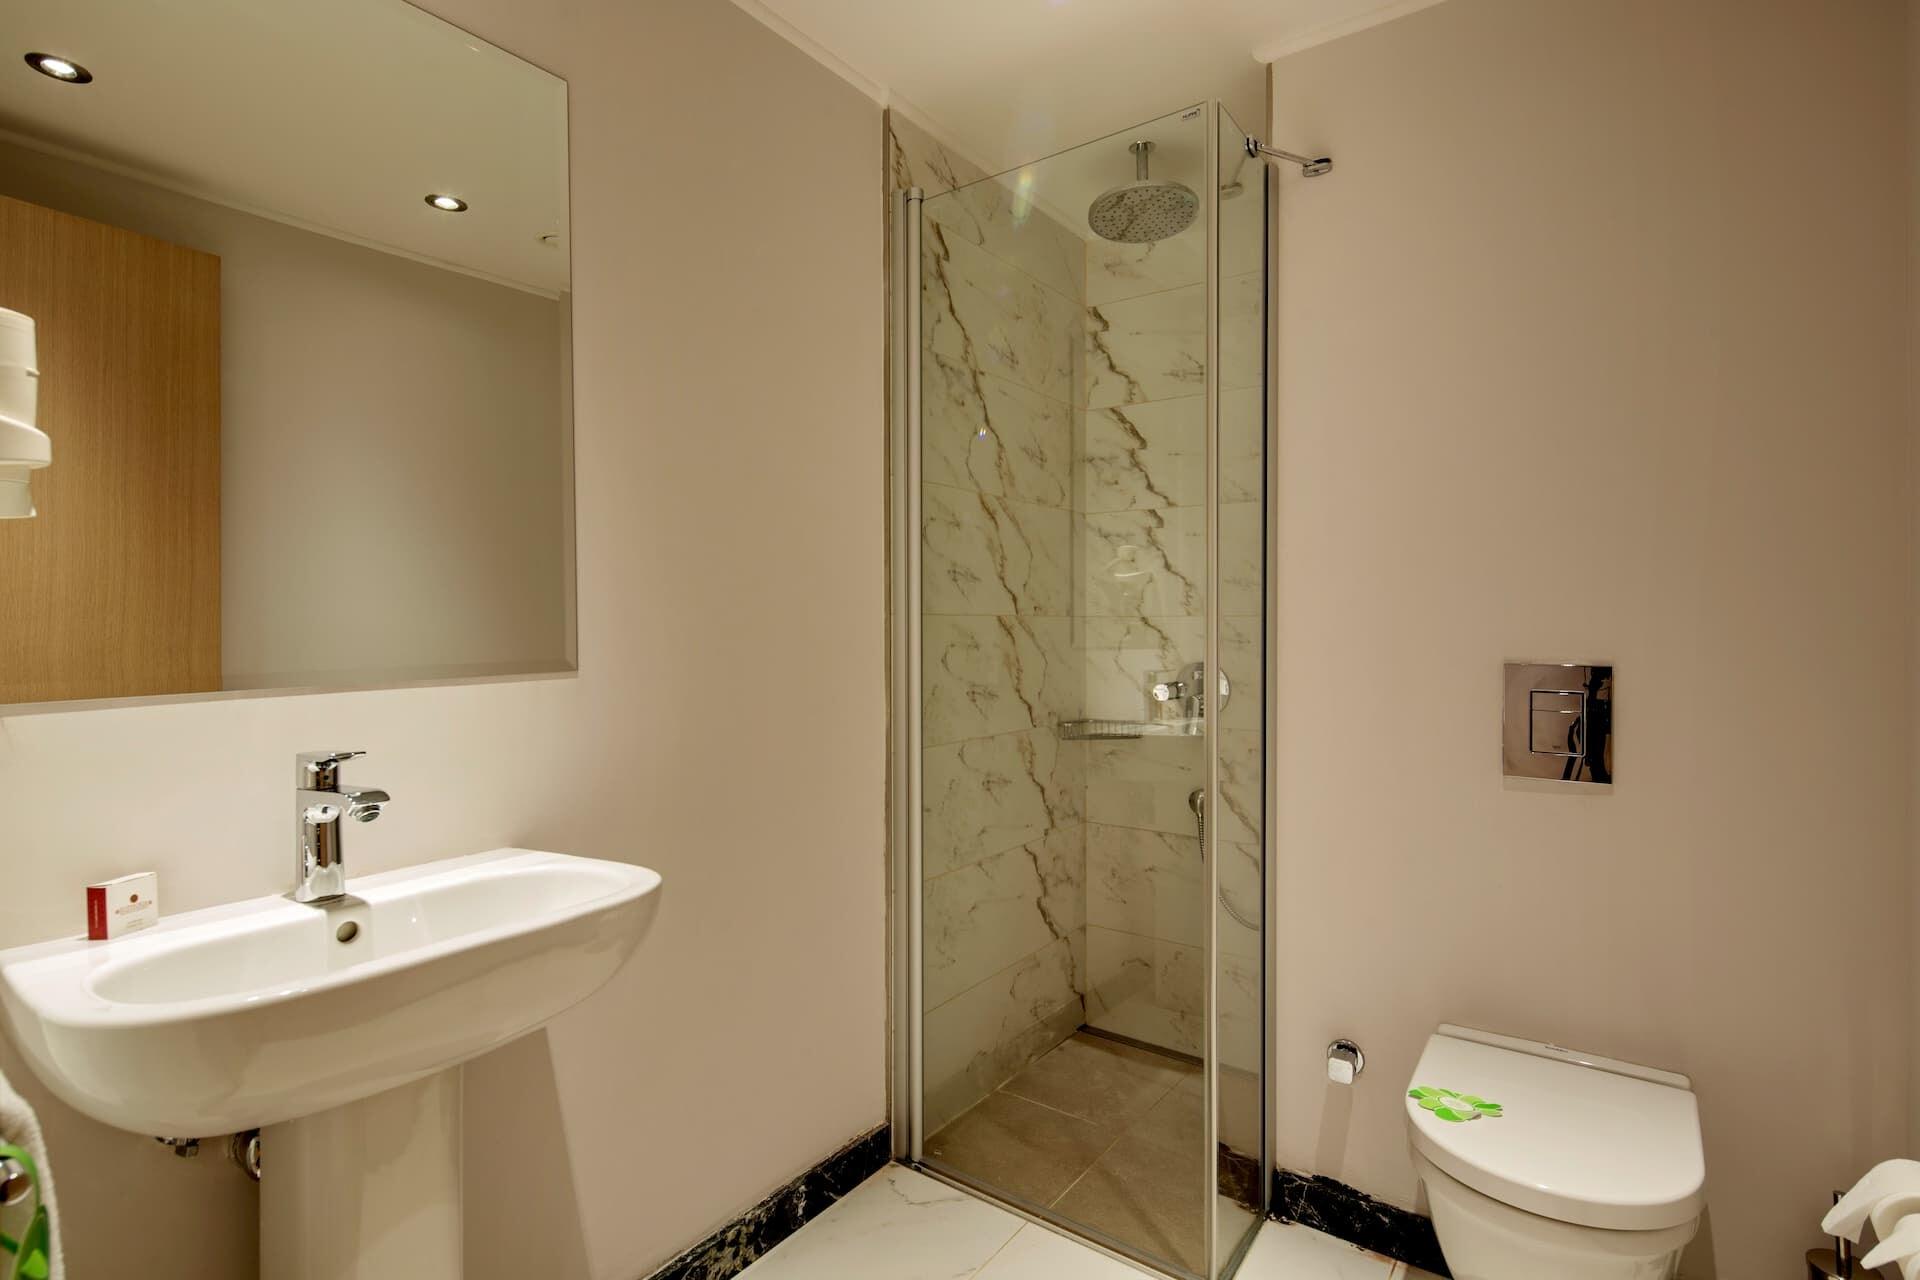 EUPHORIA AEGEAN RESORT AND THERMAL HOTEL – Dublex Family Suite